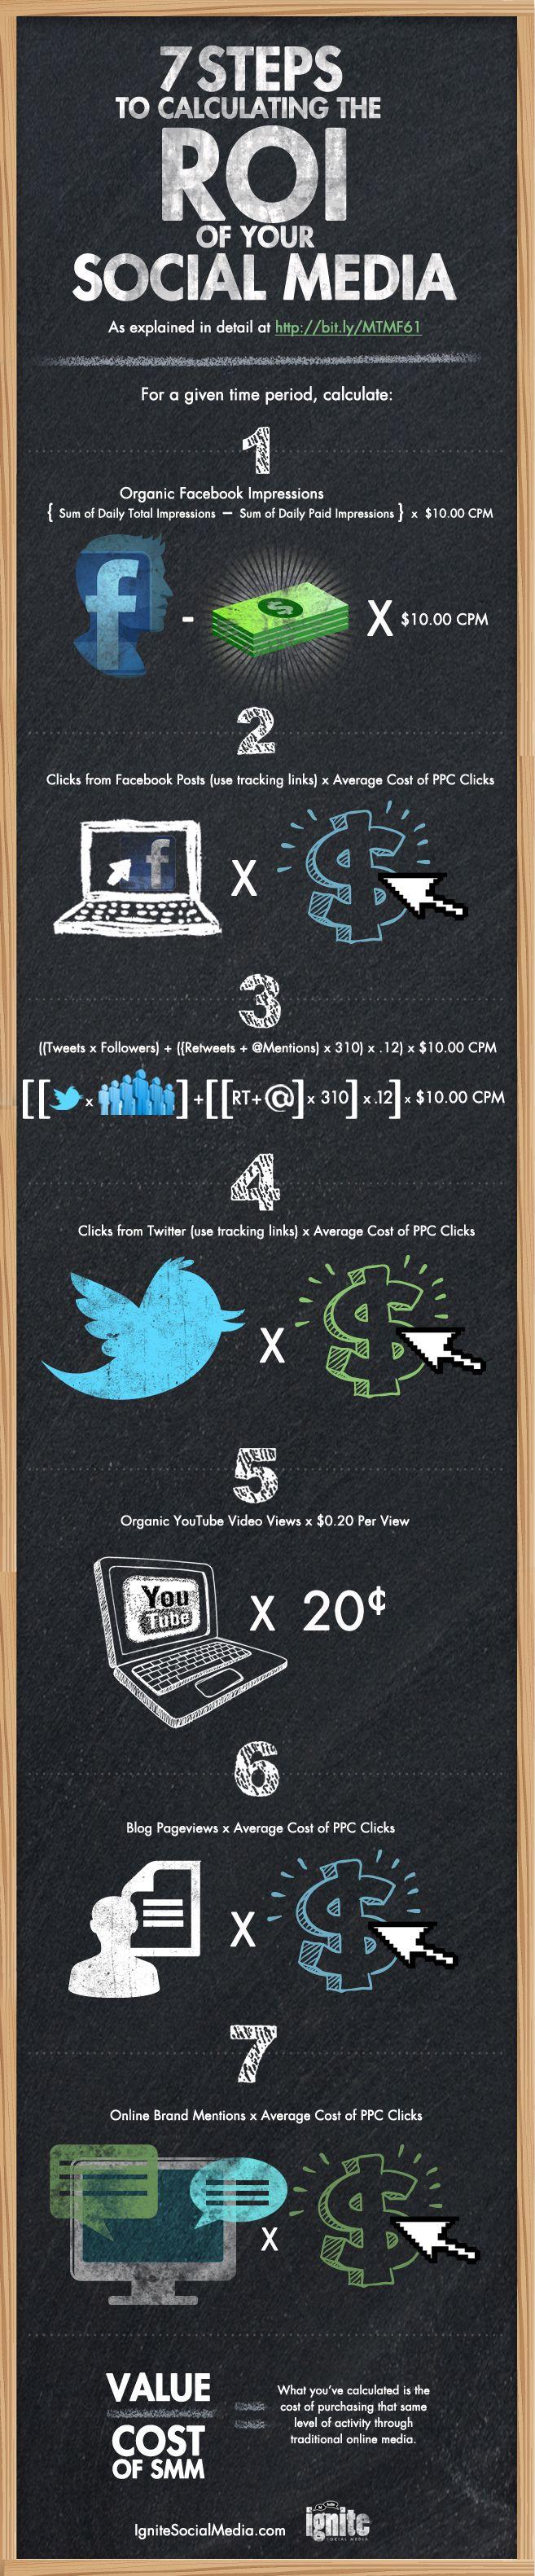 Good Infographic on Calculating Actual Social Media ROI #ROI #Social #Socialmedia